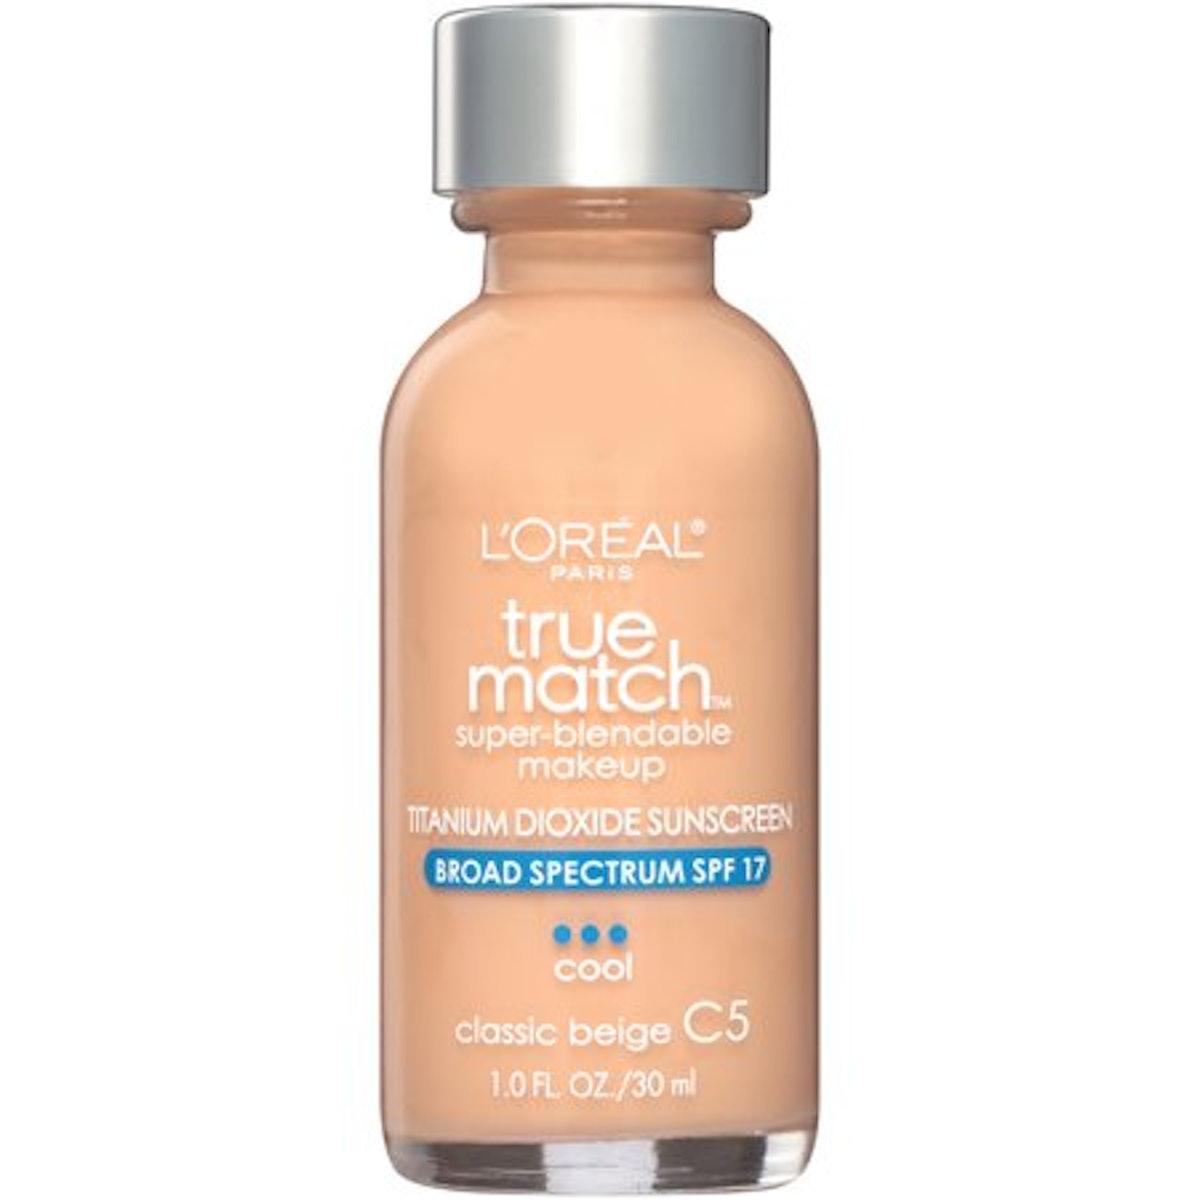 L'Oréal Paris True Match Super-Blendable Foundation Makeup